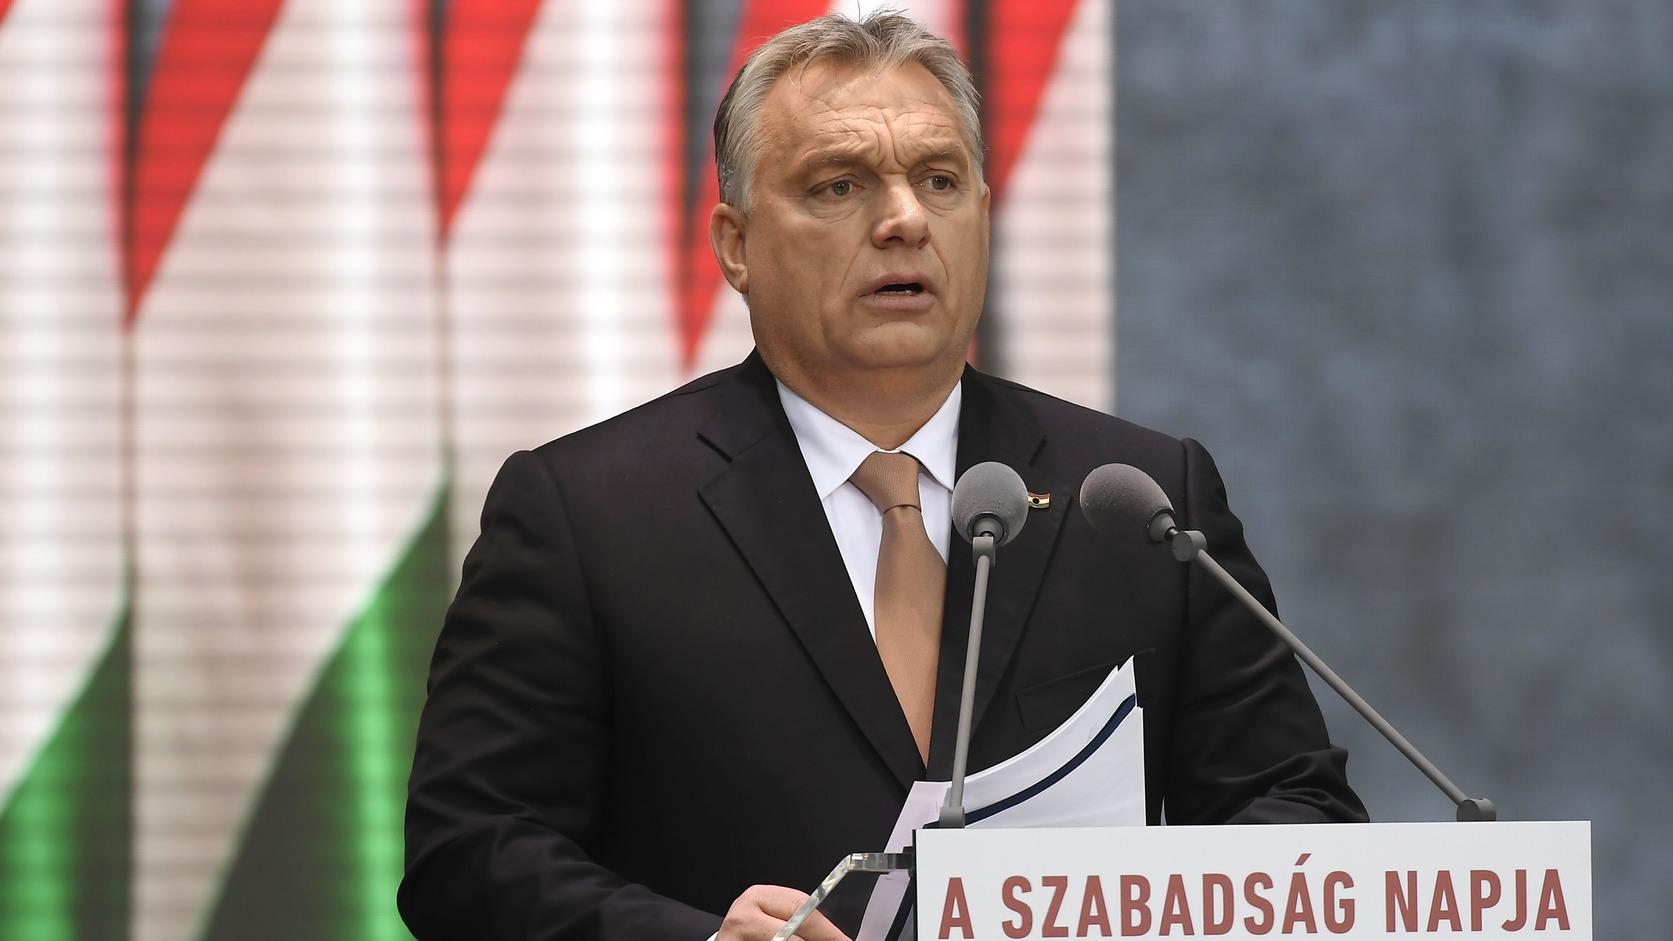 """UE criticata dur de liderii suveranisti. ORBAN: <i>""""Ungaria doreşte o UE a naţiunilor, nu un imperiu""""</i>/ SALVINI: <i>""""Vom susține întotdeauna dreptul suveran al popoarelor""""</i>/ EXPERIMENTUL SOCIAL AL LUI MACRON. Promovarea """"amestecului social și teritorial"""" prin OBLIGAREA adolescentilor de a trai impreuna in LOCUINTE COLECTIVE/ Petitiile cetatenesti impotriva IMIGRATIEI nu sunt pe placul BUNDESTAGULUI"""